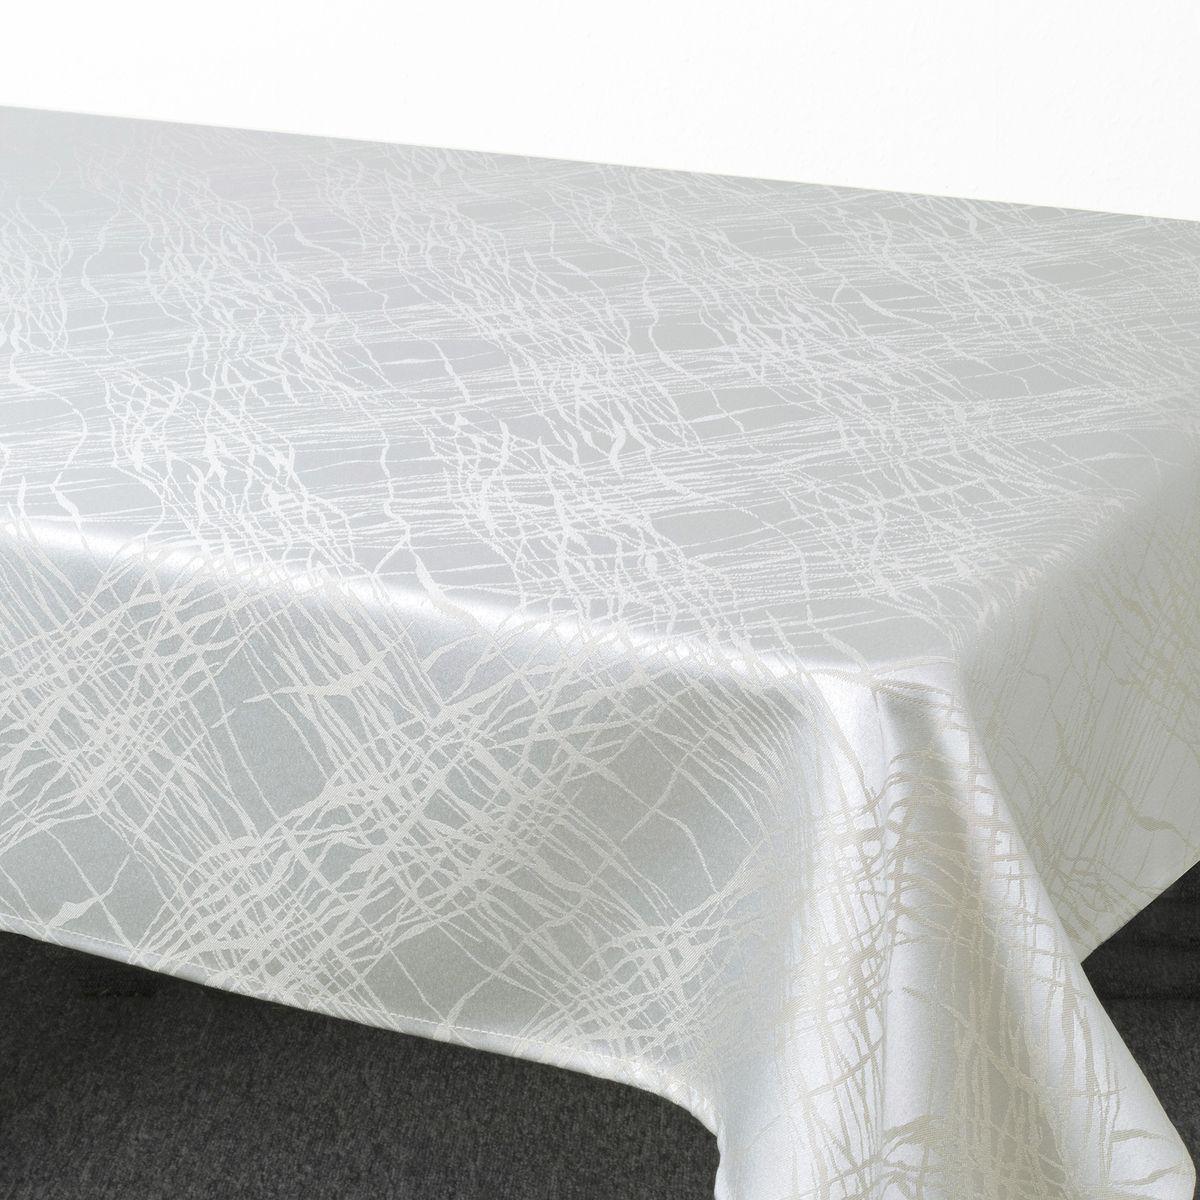 Скатерть Schaefer, прямоугольная, цвет: серый, 130 х 170 см. 07813-42907813-429Стильная скатерть Schaefer выполнена из полиэстера.Изделия из полиэстера легко стирать: они не мнутся, не садятся и быстро сохнут, они более долговечны, чем изделия из натуральных волокон.Немецкая компания Schaefer создана в 1921 году. На протяжении всего времени существования она создает уникальные коллекции домашнего текстиля для гостиных, спален, кухонь и ванных комнат. Дизайнерские идеи немецких художников компании Schaefer воплощаются в текстильных изделиях, которые сделают ваш дом красивее и уютнее и не останутся незамеченными вашими гостями. Дарите себе и близким красоту каждый день!